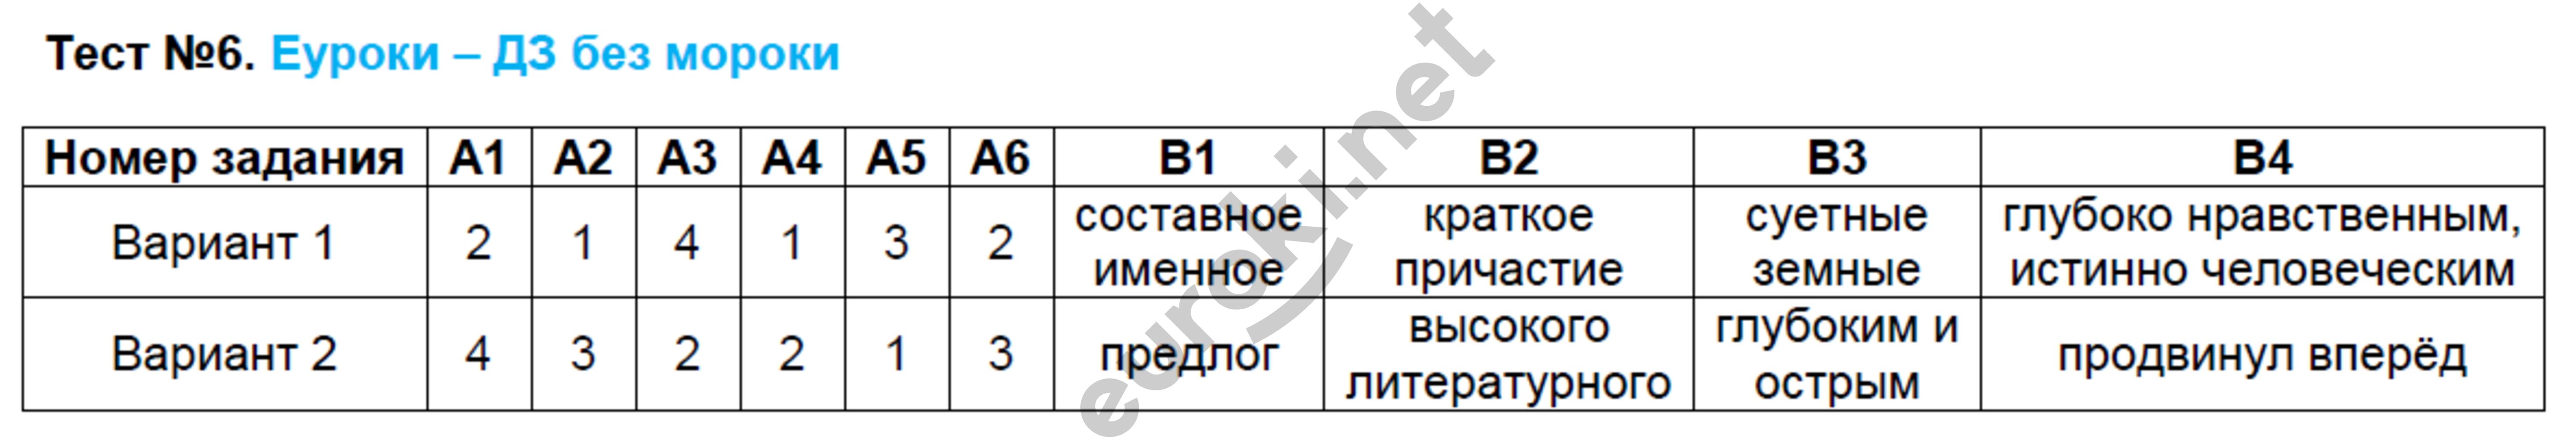 ГДЗ по русскому языку 9 класс контрольно-измерительные материалы Егорова. Задание: Тест 6